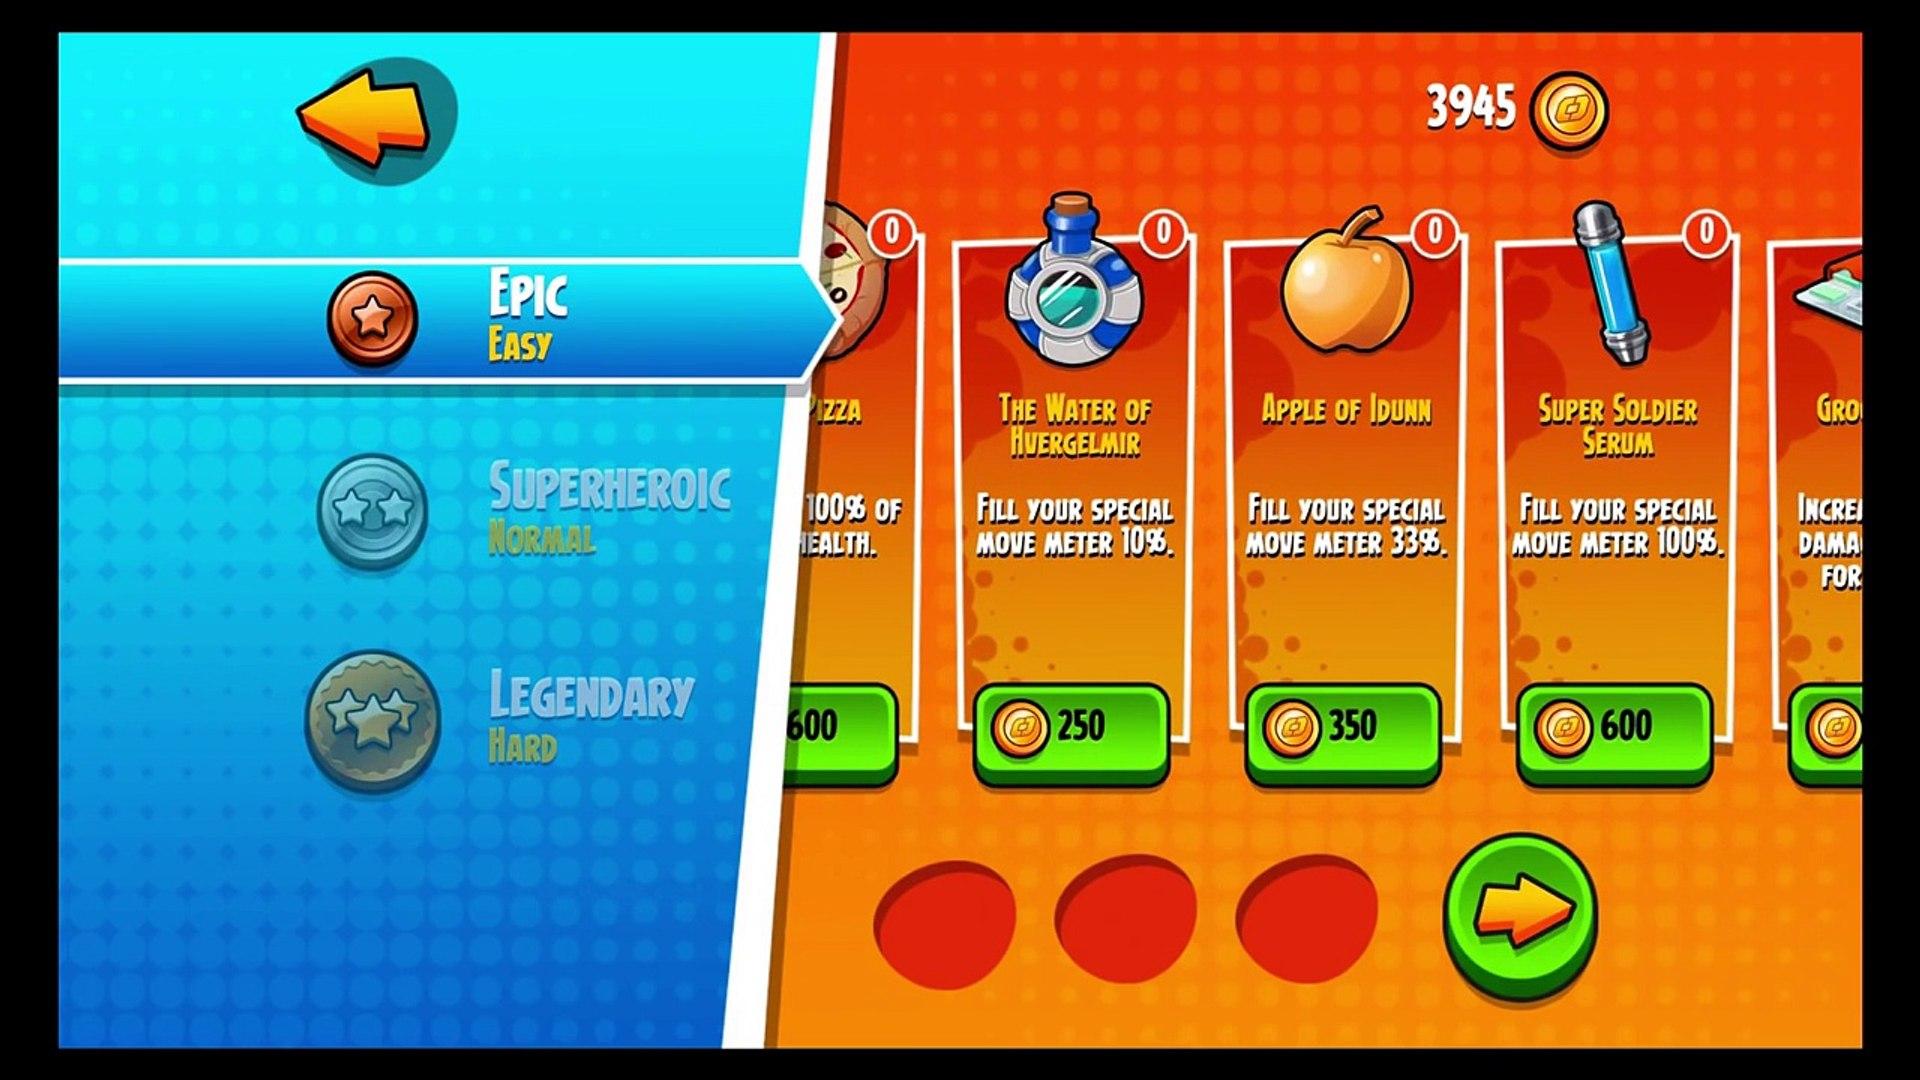 Mix Smash: Marvel Super Hero шенковщики Капитан Америка и Железный Человек Mix Геймплей Часть 3